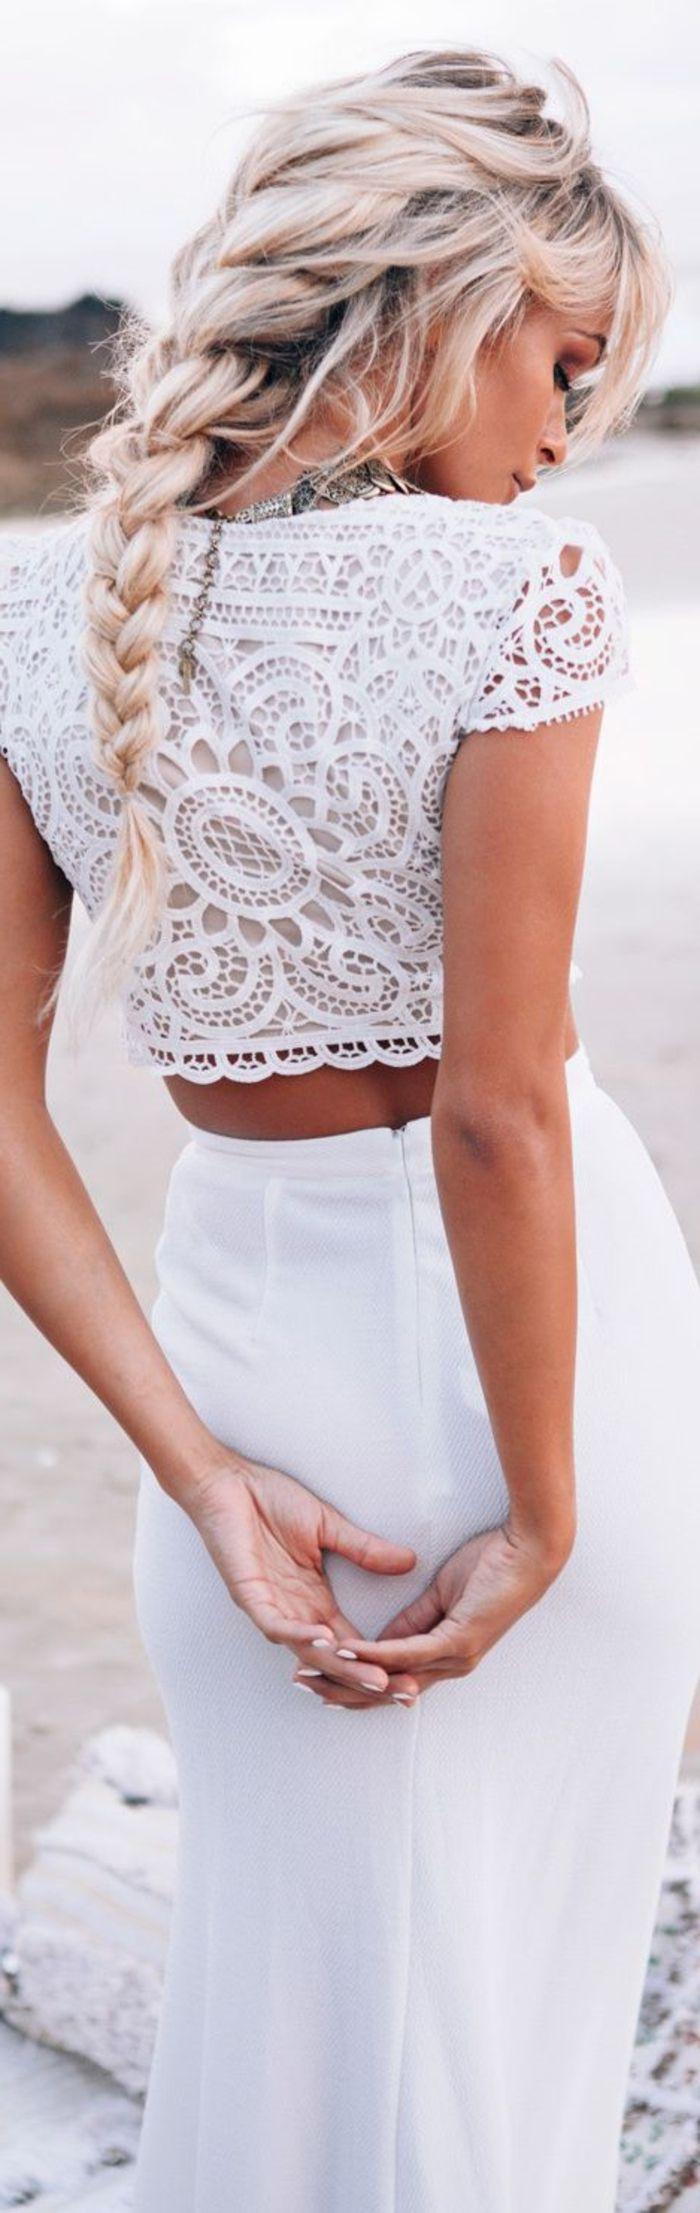 Tenue Chic Femme Ronde : best 25 robe pour femme ronde ideas on pinterest mode de femmes rondes mode pour les rondes ~ Farleysfitness.com Idées de Décoration